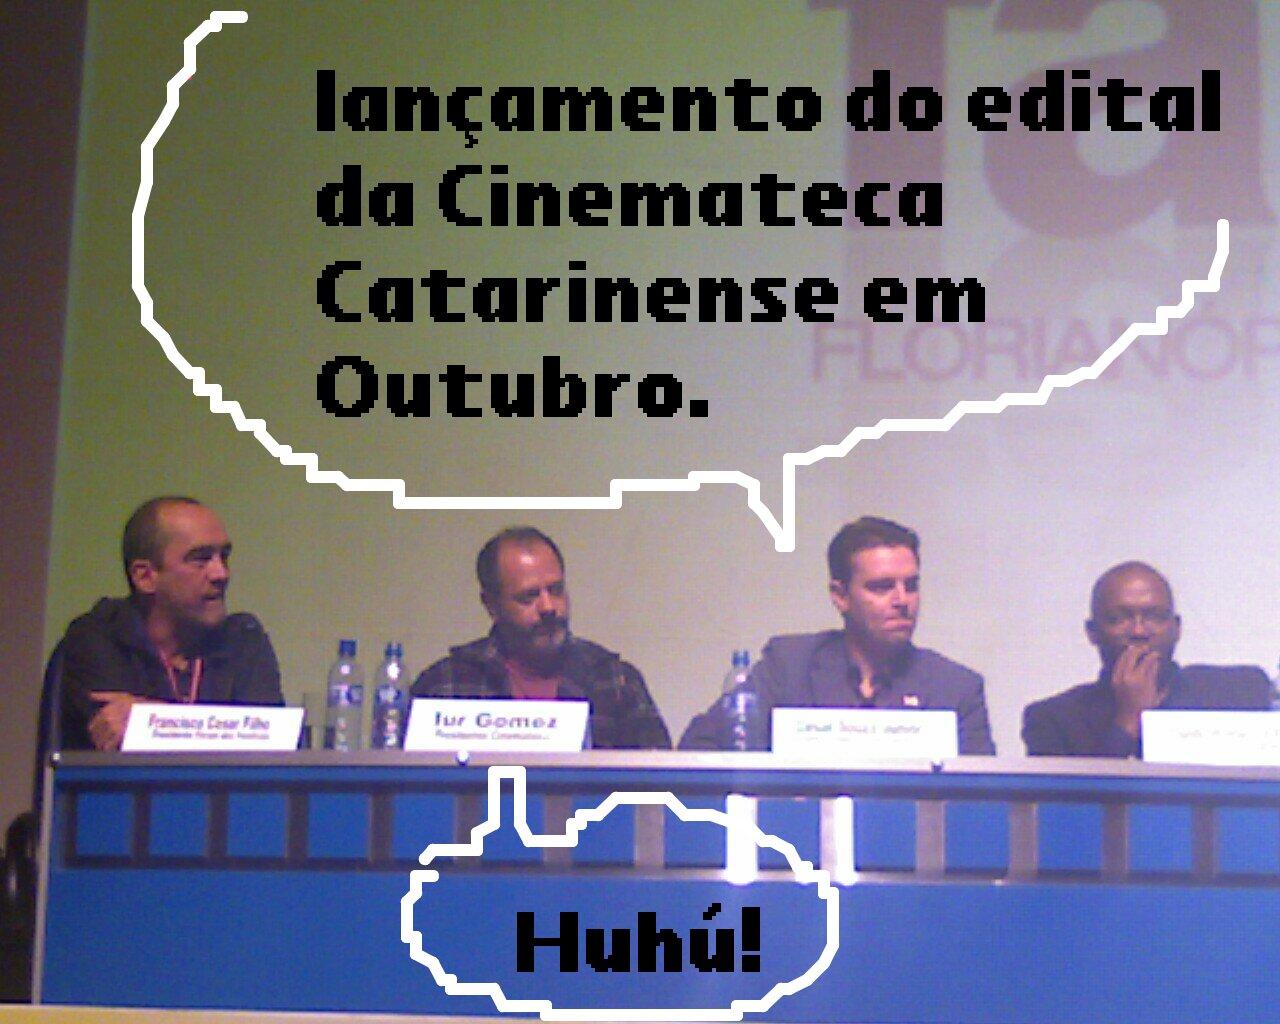 Edital da Cinemateca Catarinense será lançado em Outubro!